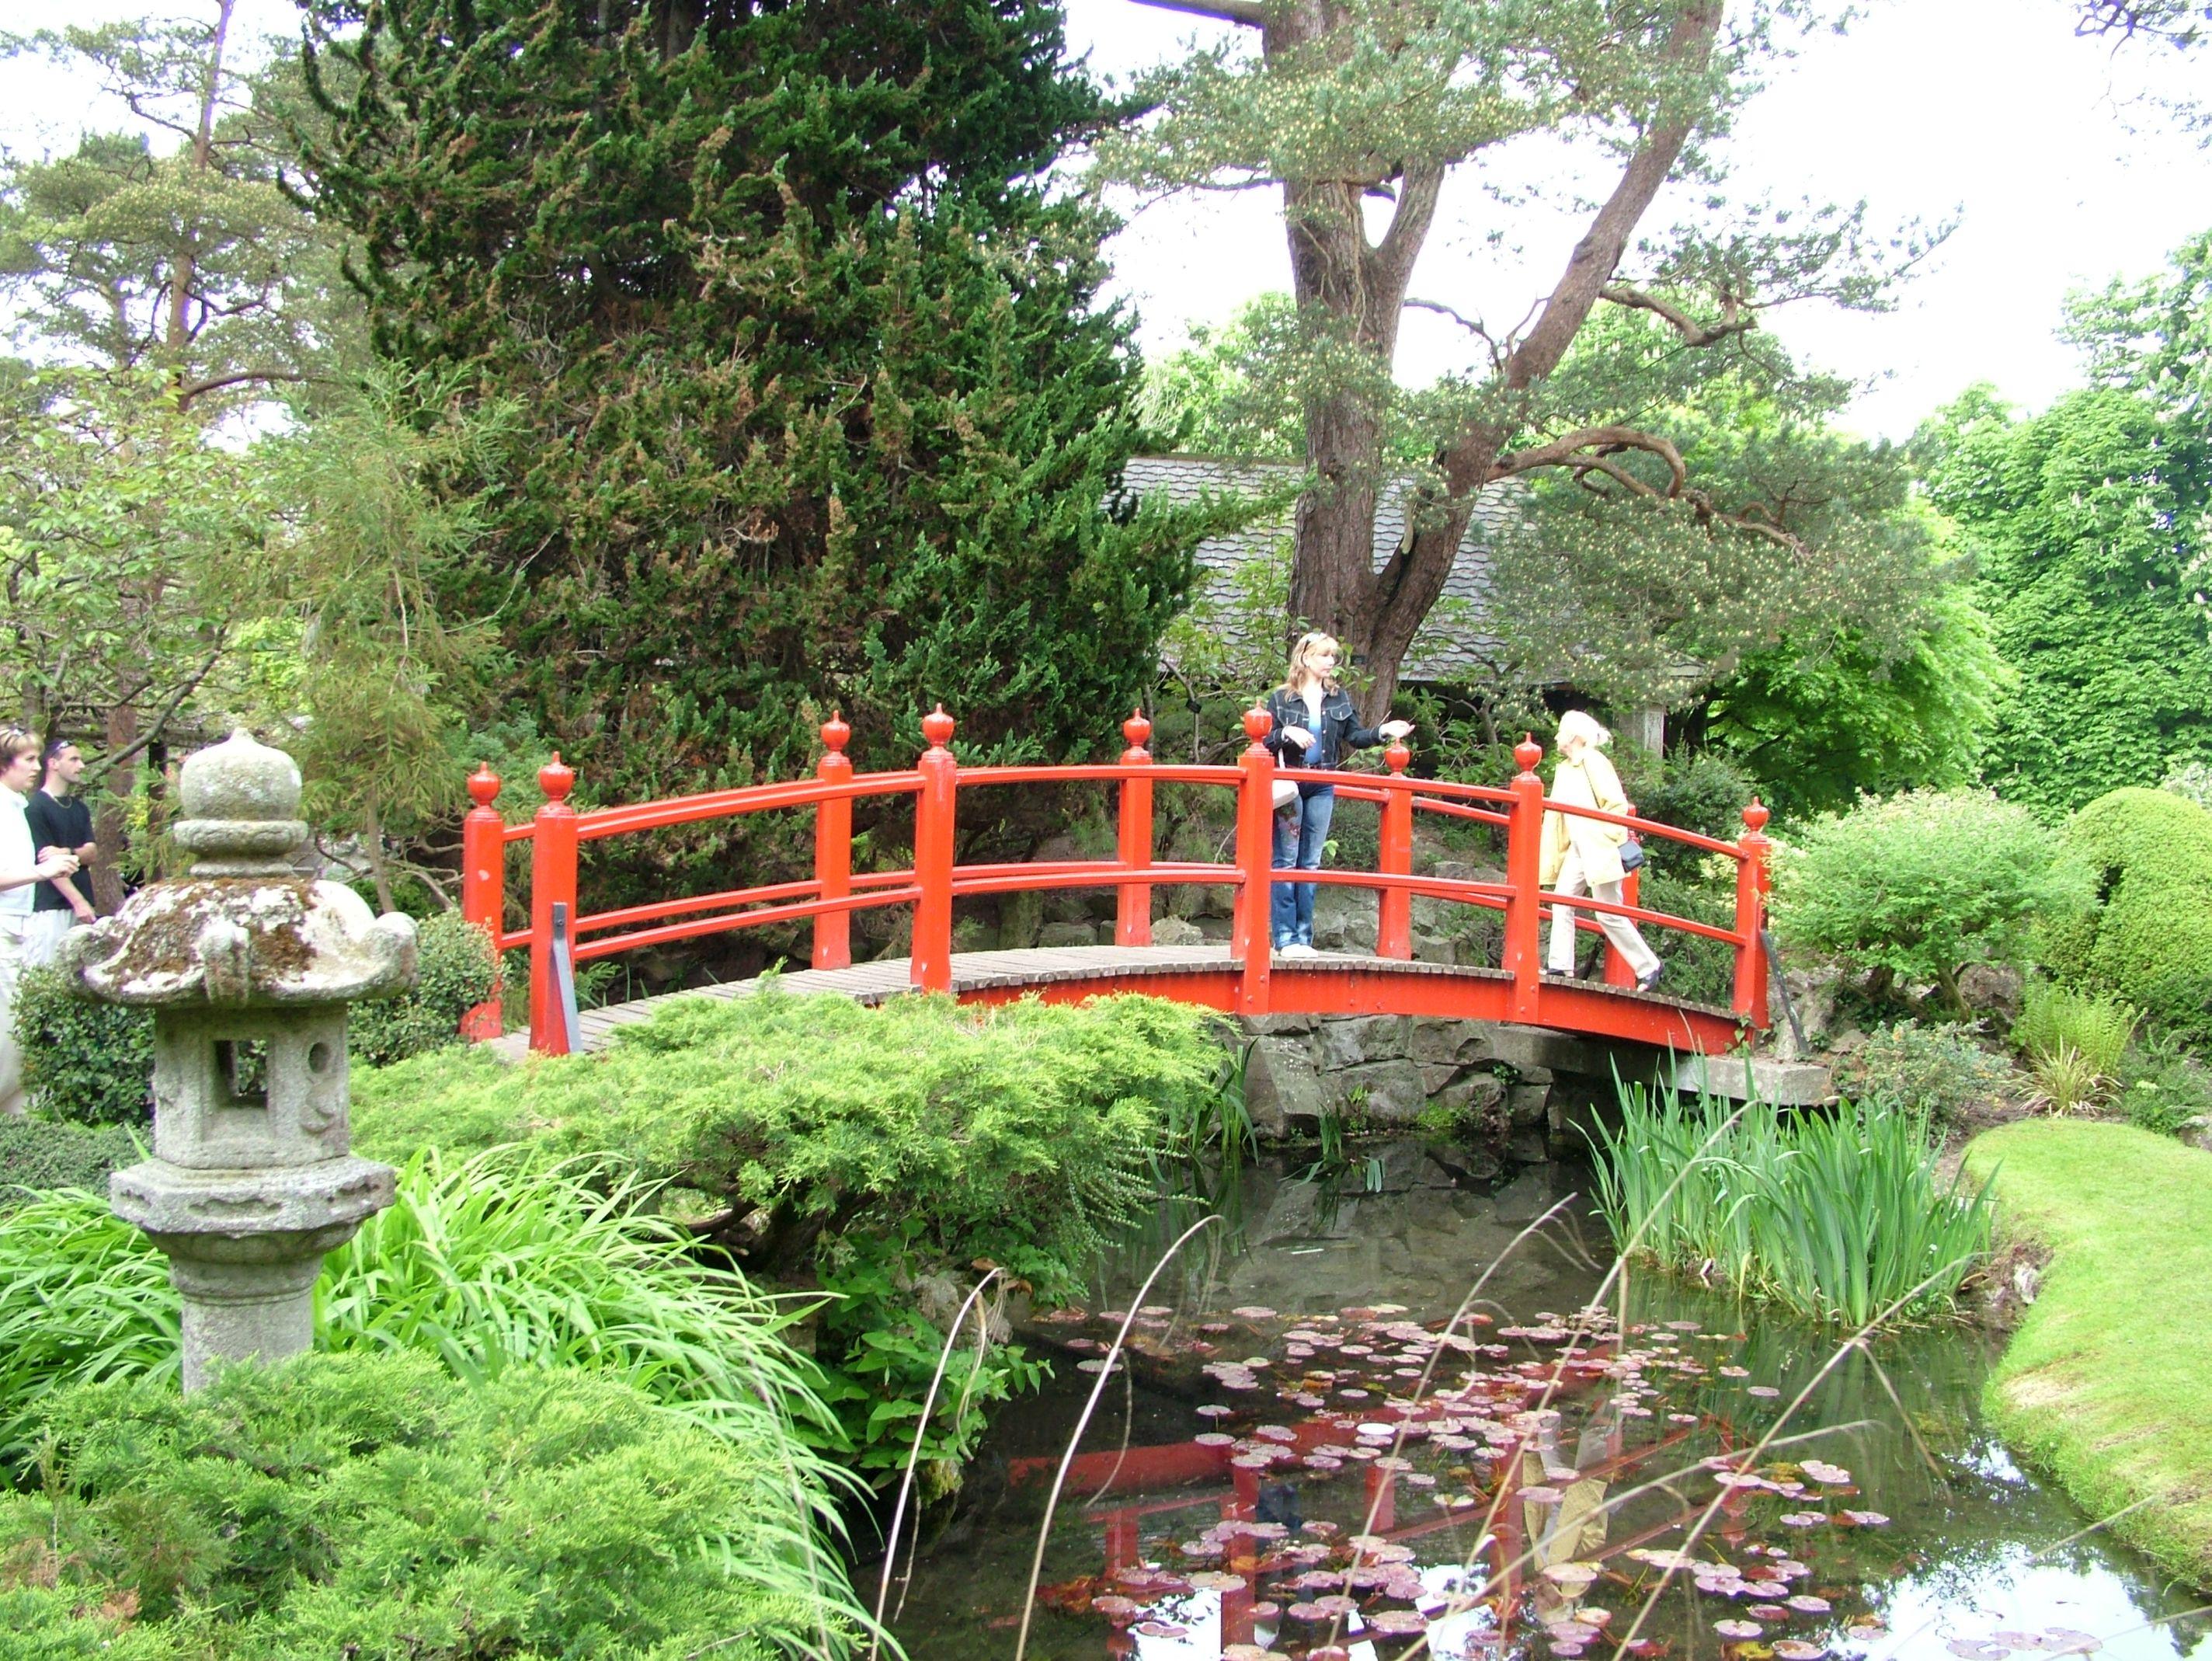 file:irish national stud bridge of life - wikimedia commons, Hause und garten